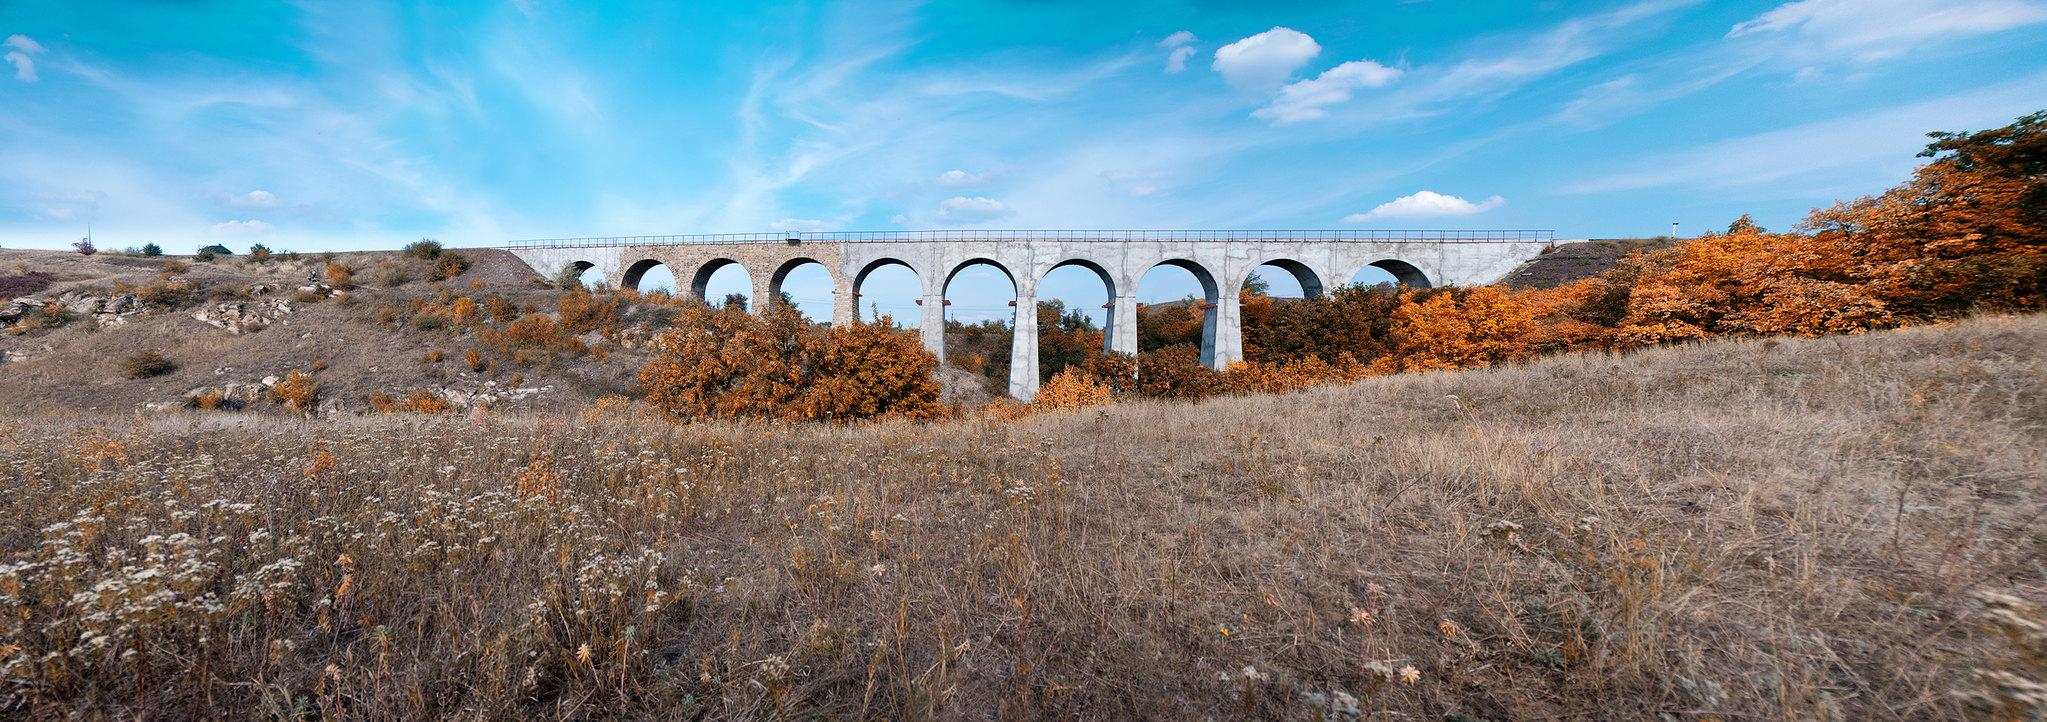 Железнодорожный Арочный мост в Луганской области